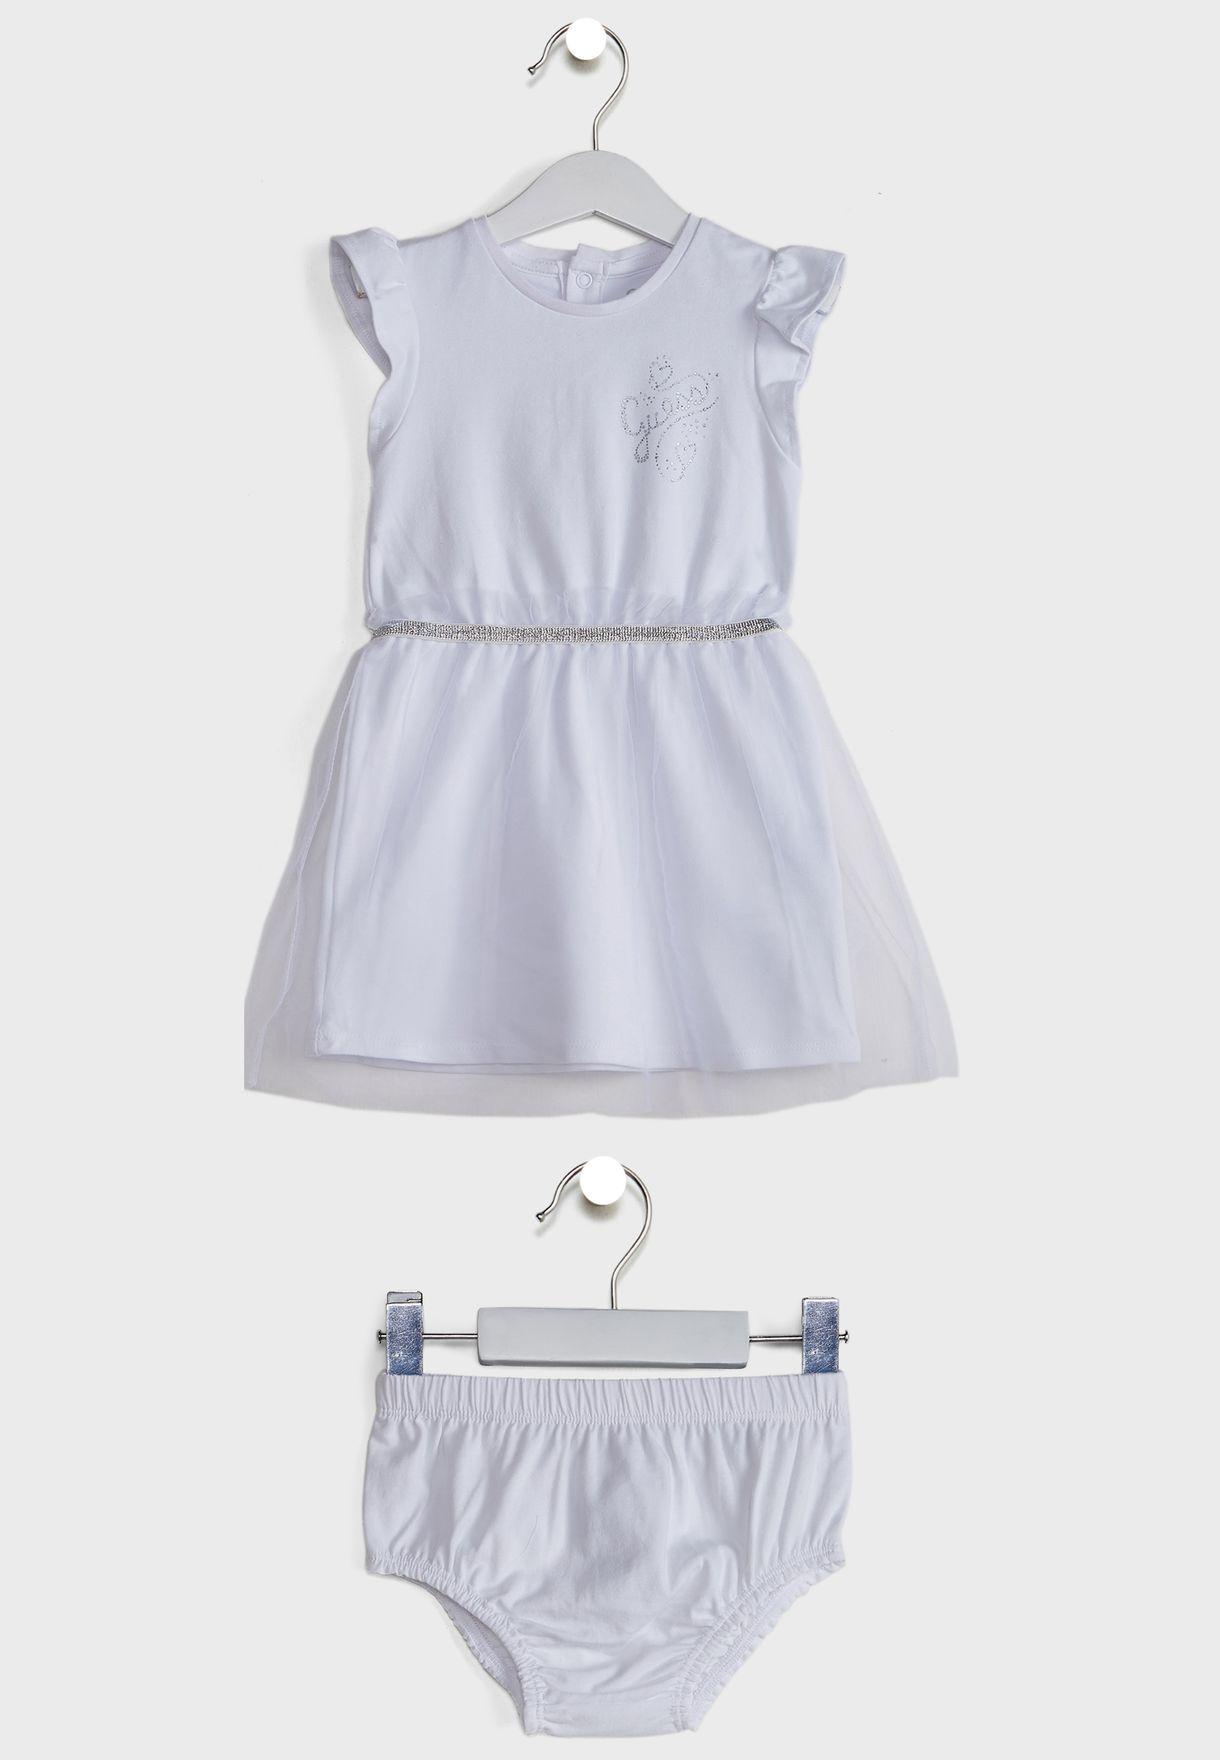 طقم فستان + سروال لتغطية الحفاض